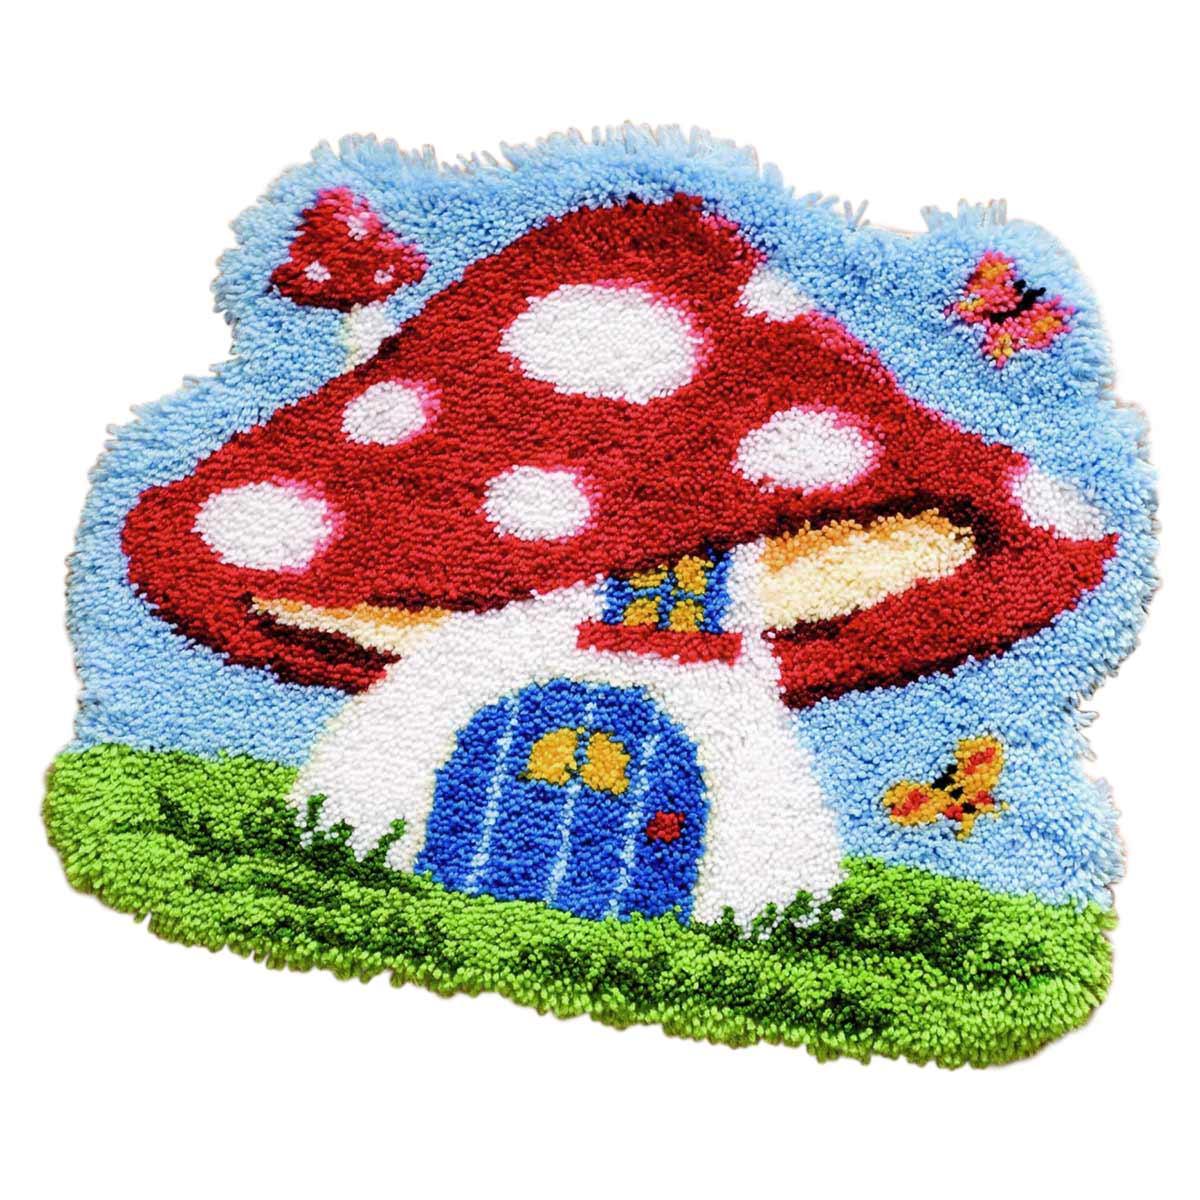 0143942-PN Коврик (ковровая техника) Vervaco 'Мухомор' 55x50 см